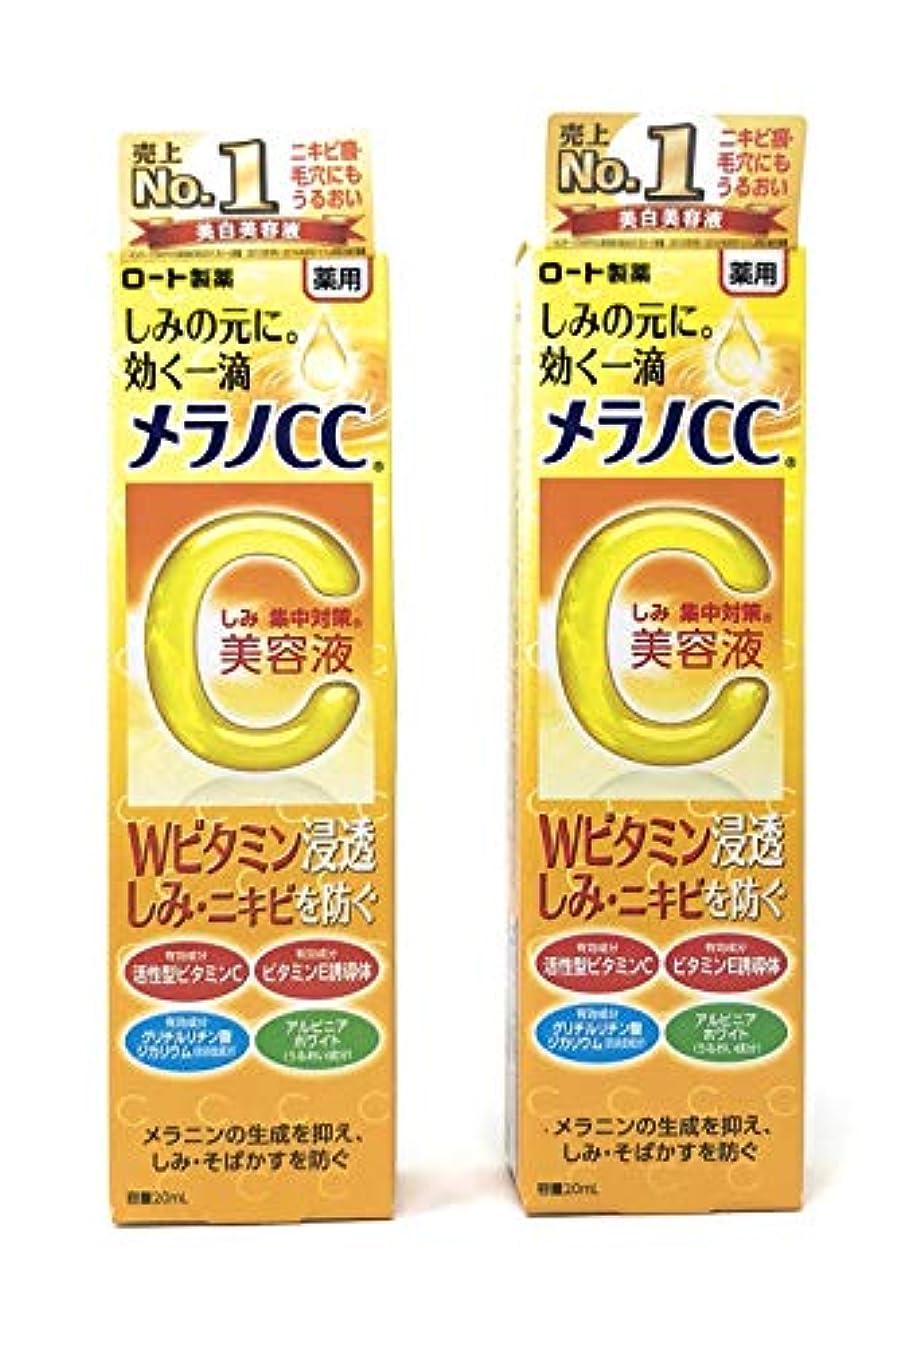 放射する支店企業[セット品] メラノCC 薬用 しみ?にきび 集中対策 Wビタミン美容液 20ml × 2箱 と SHOWルイボスティー1袋